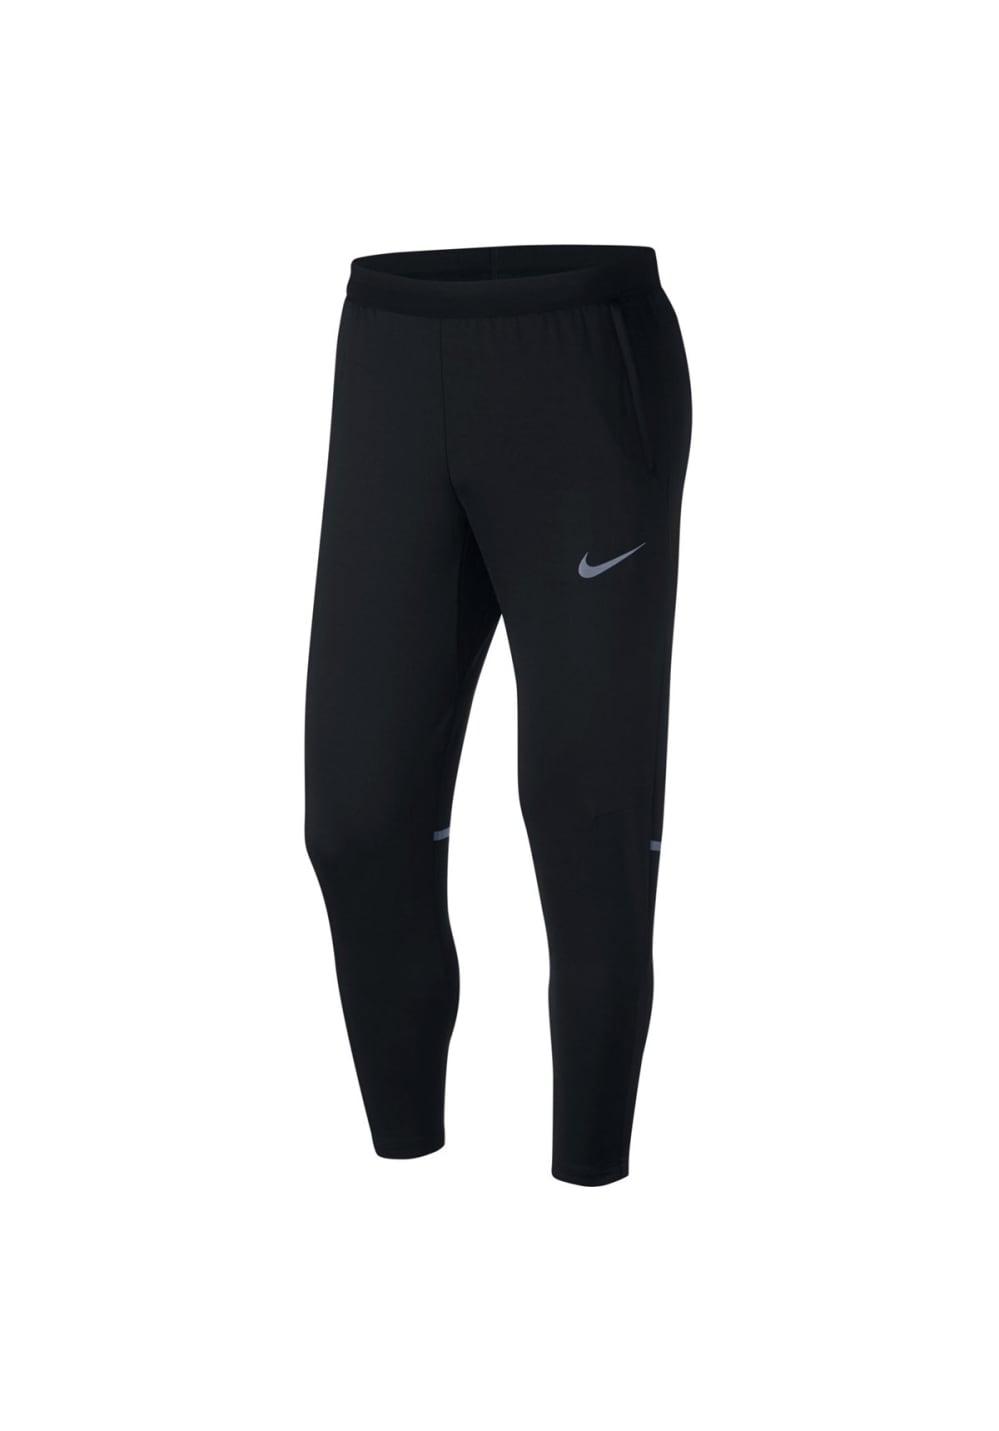 Nike Phenom Pant 2 - Laufhosen für Herren - Schwarz, Gr. M